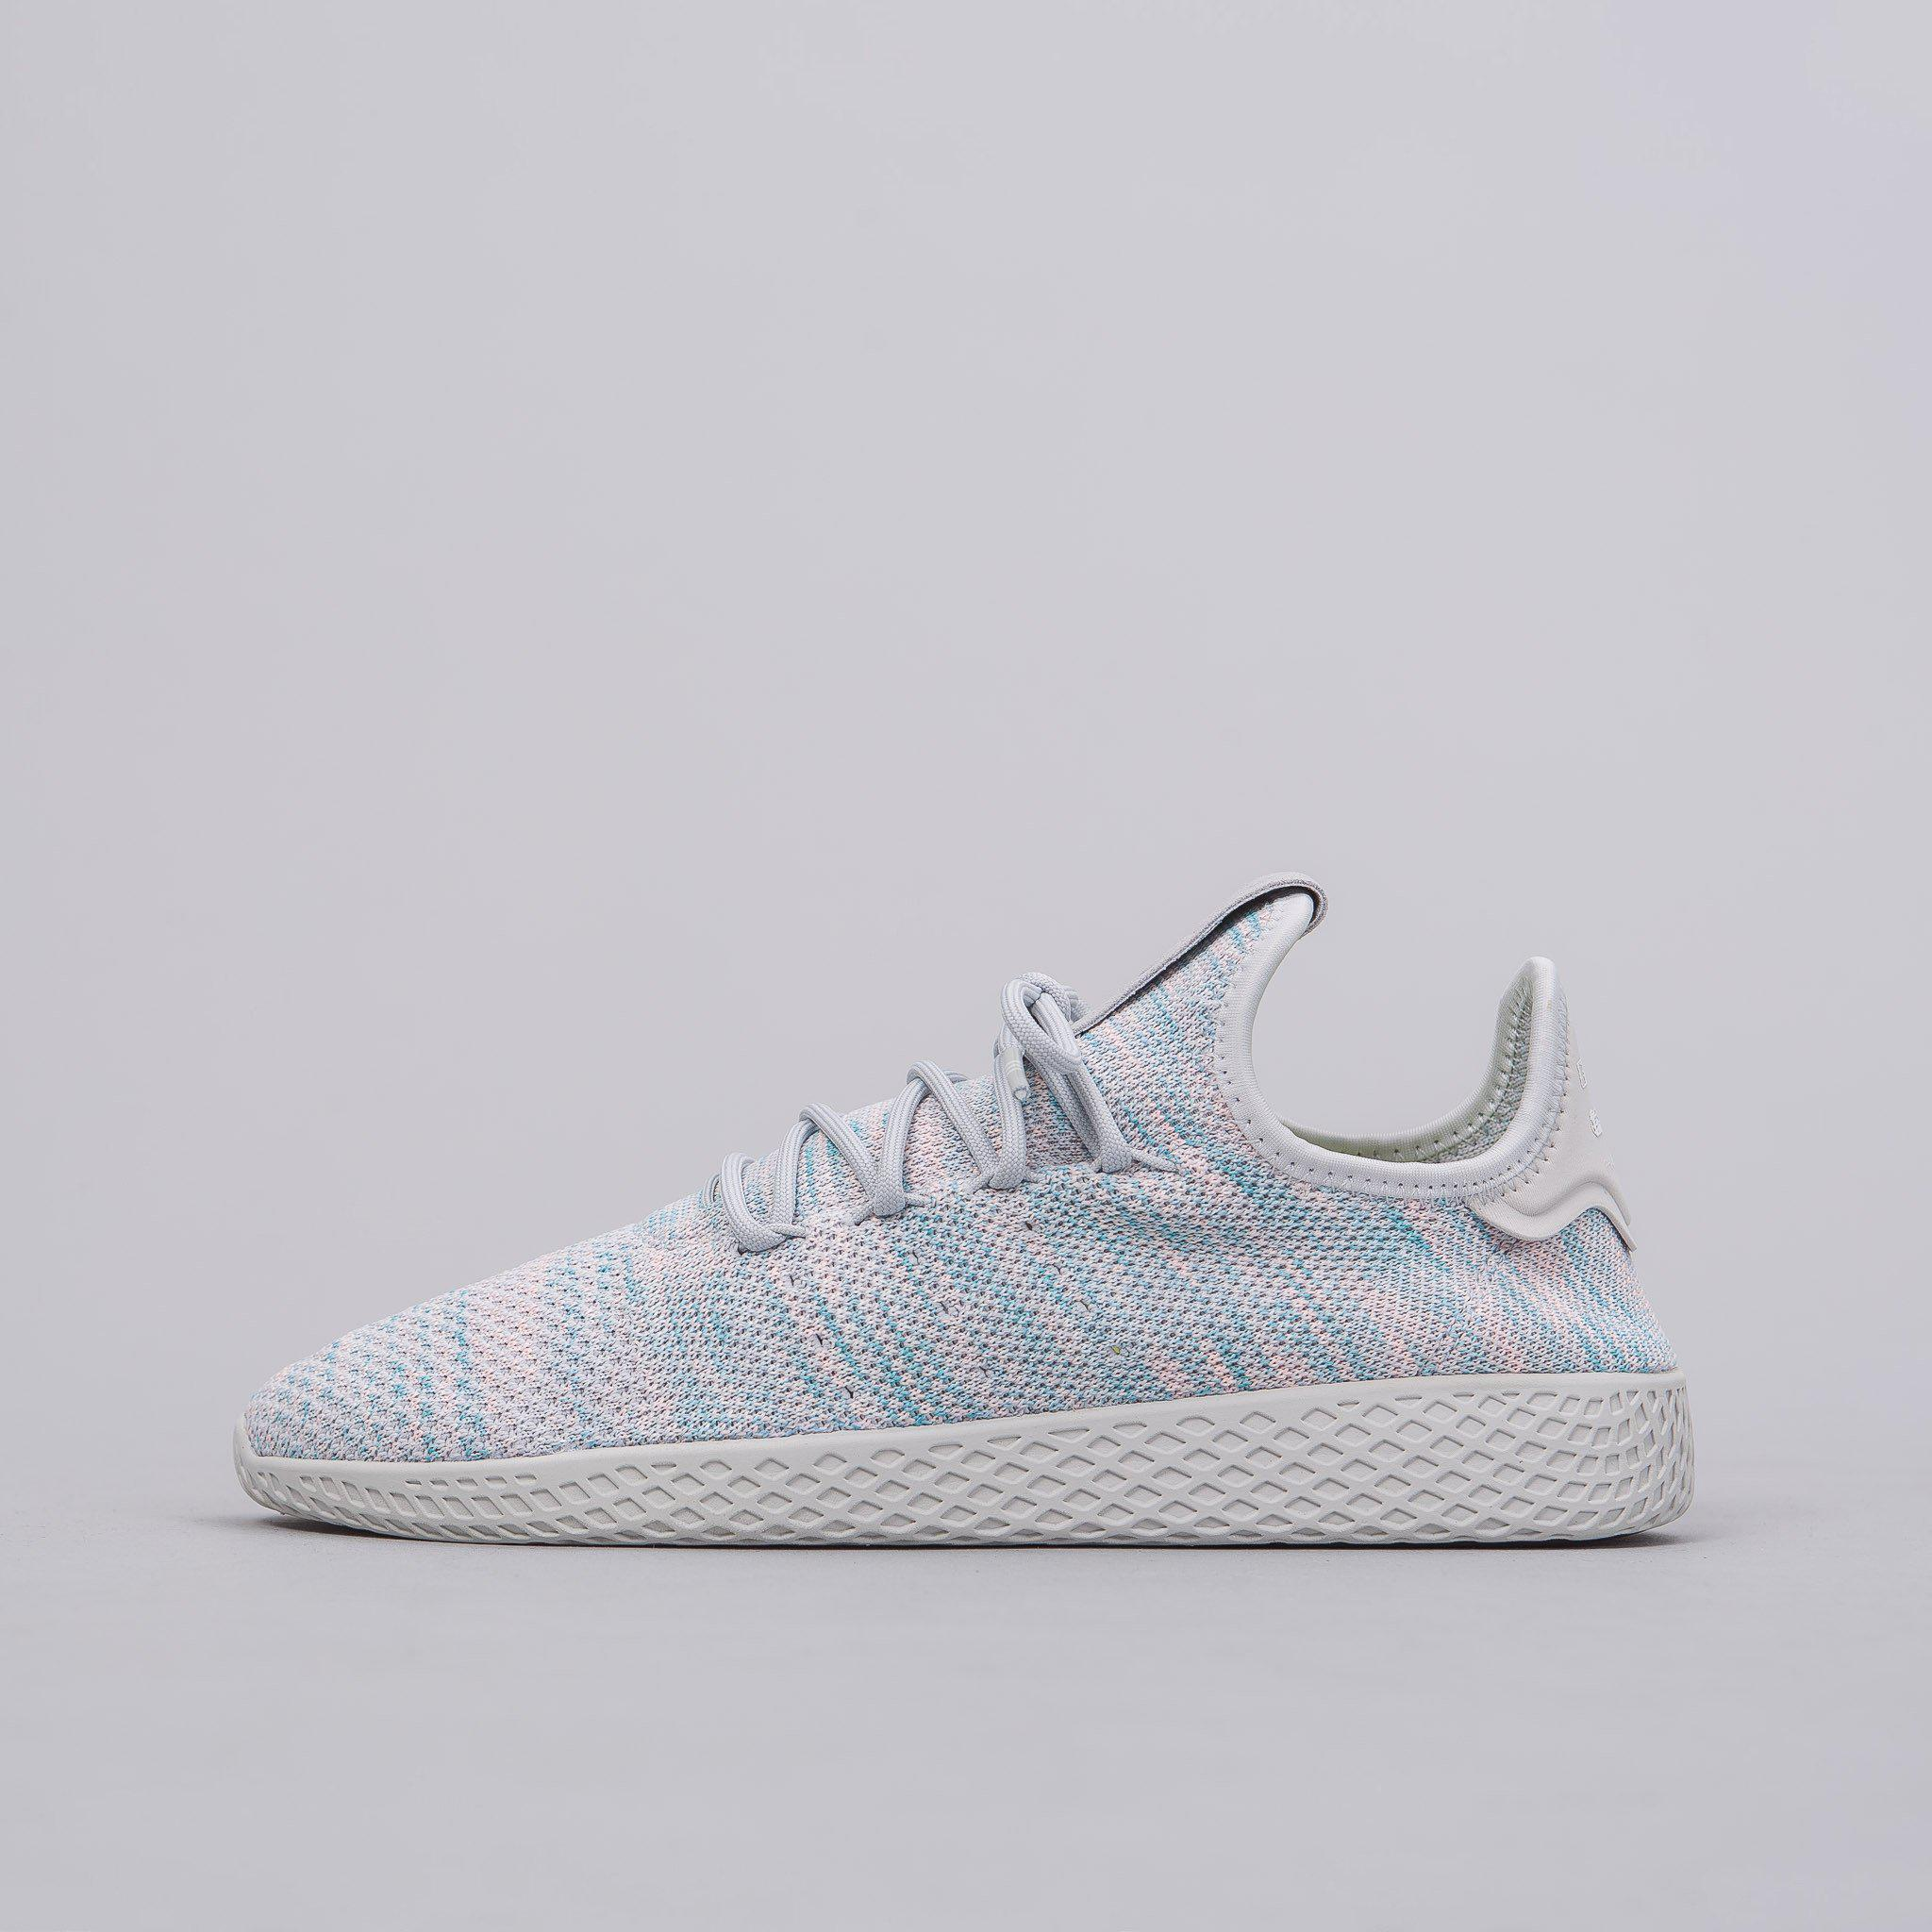 0ec9ec49a Lyst - adidas Originals Pharrell Williams Tennis Hu Shoes In Blue ...